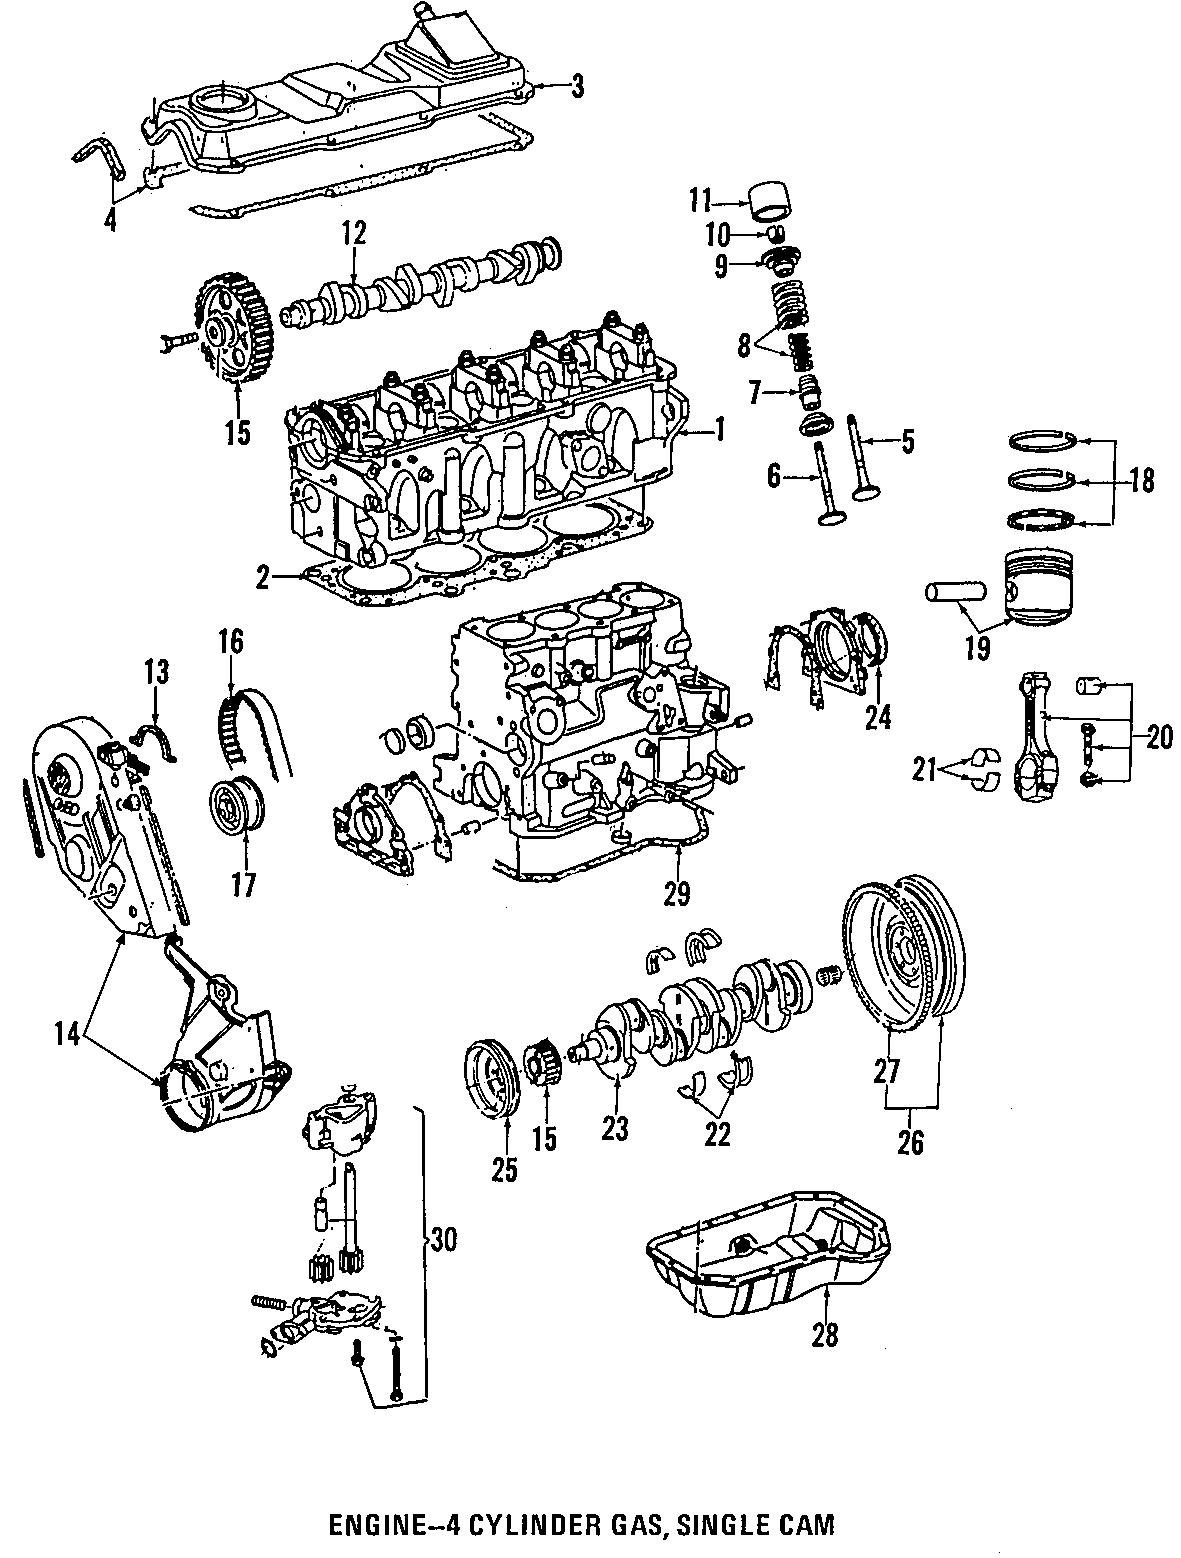 Volkswagen Beetle Engine Crankshaft Main Bearing. Red